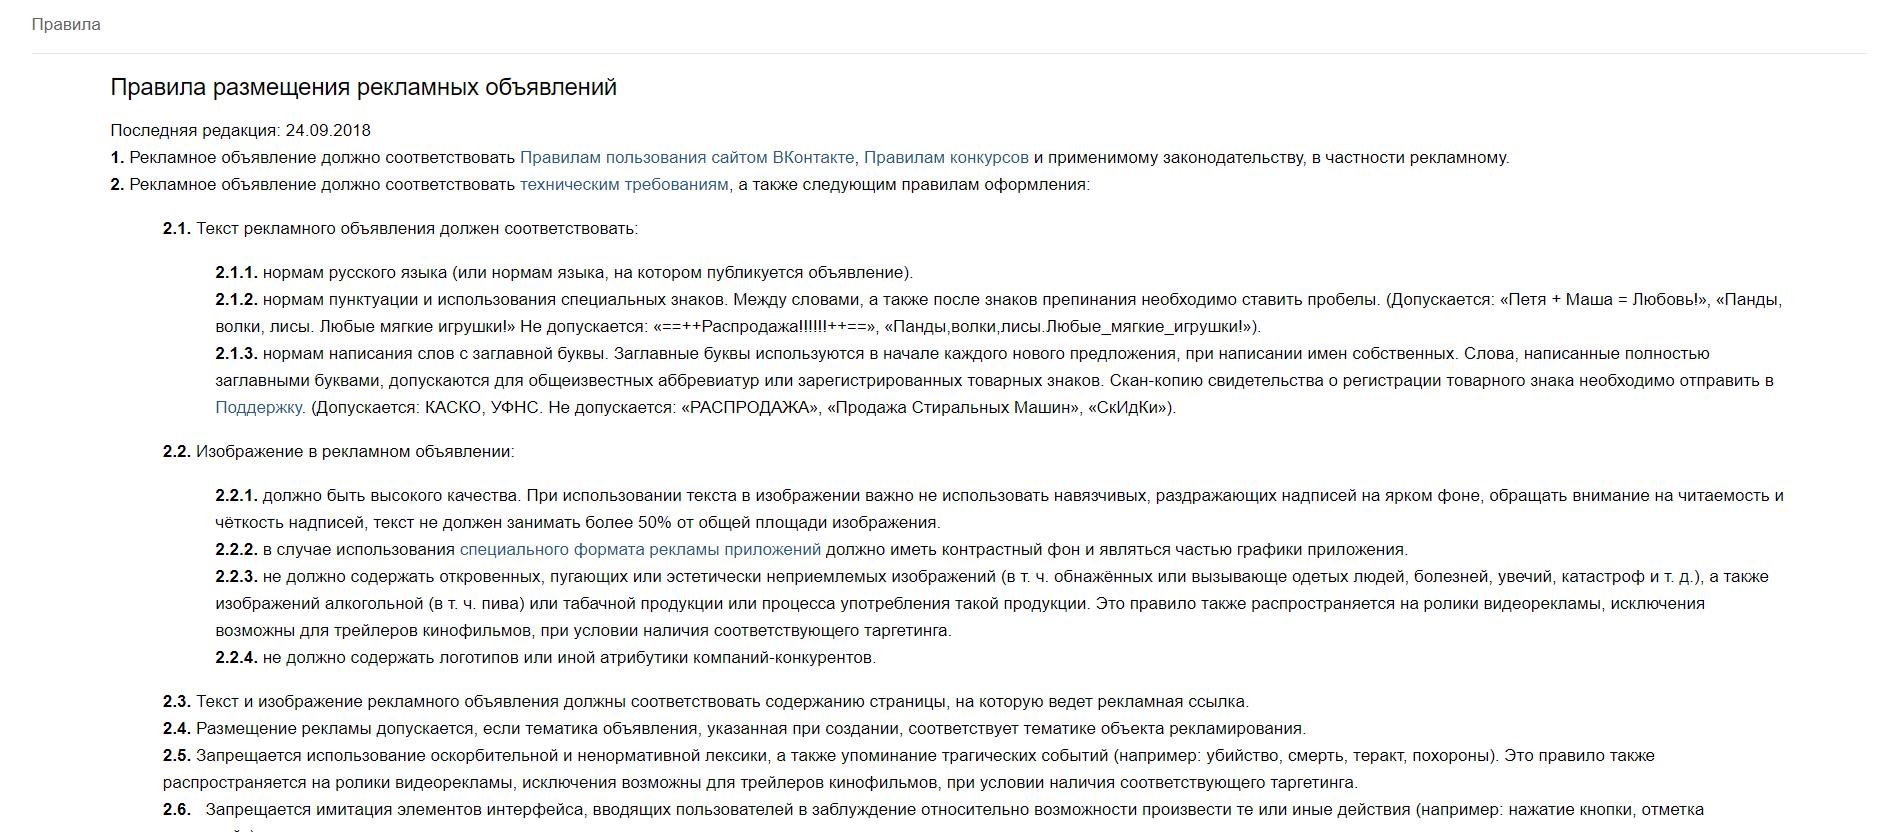 Правила размещения рекламных объявлений во ВКонтакте